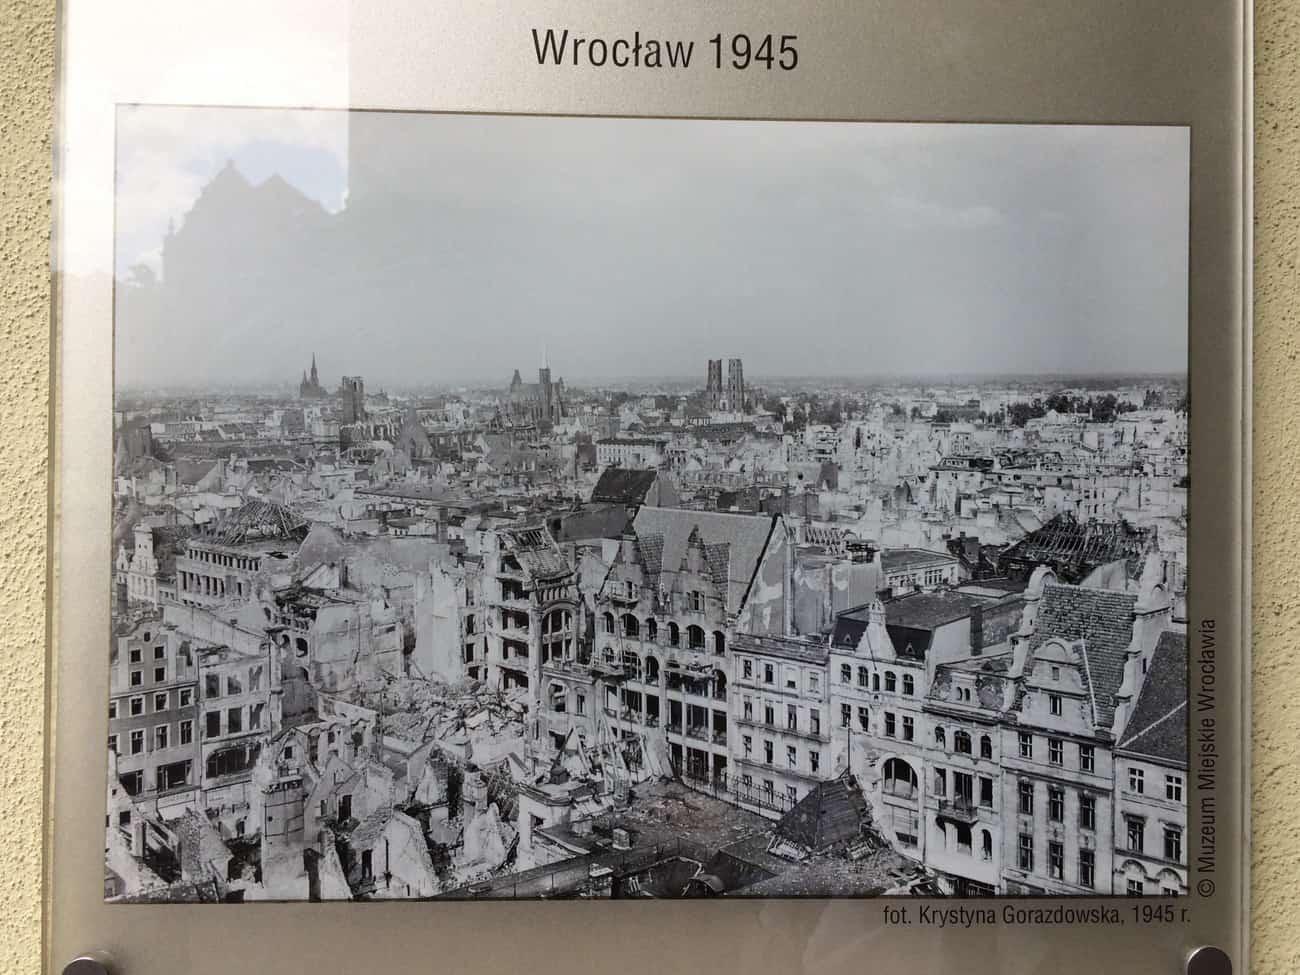 Poland Wroclaw WWII bomb damage